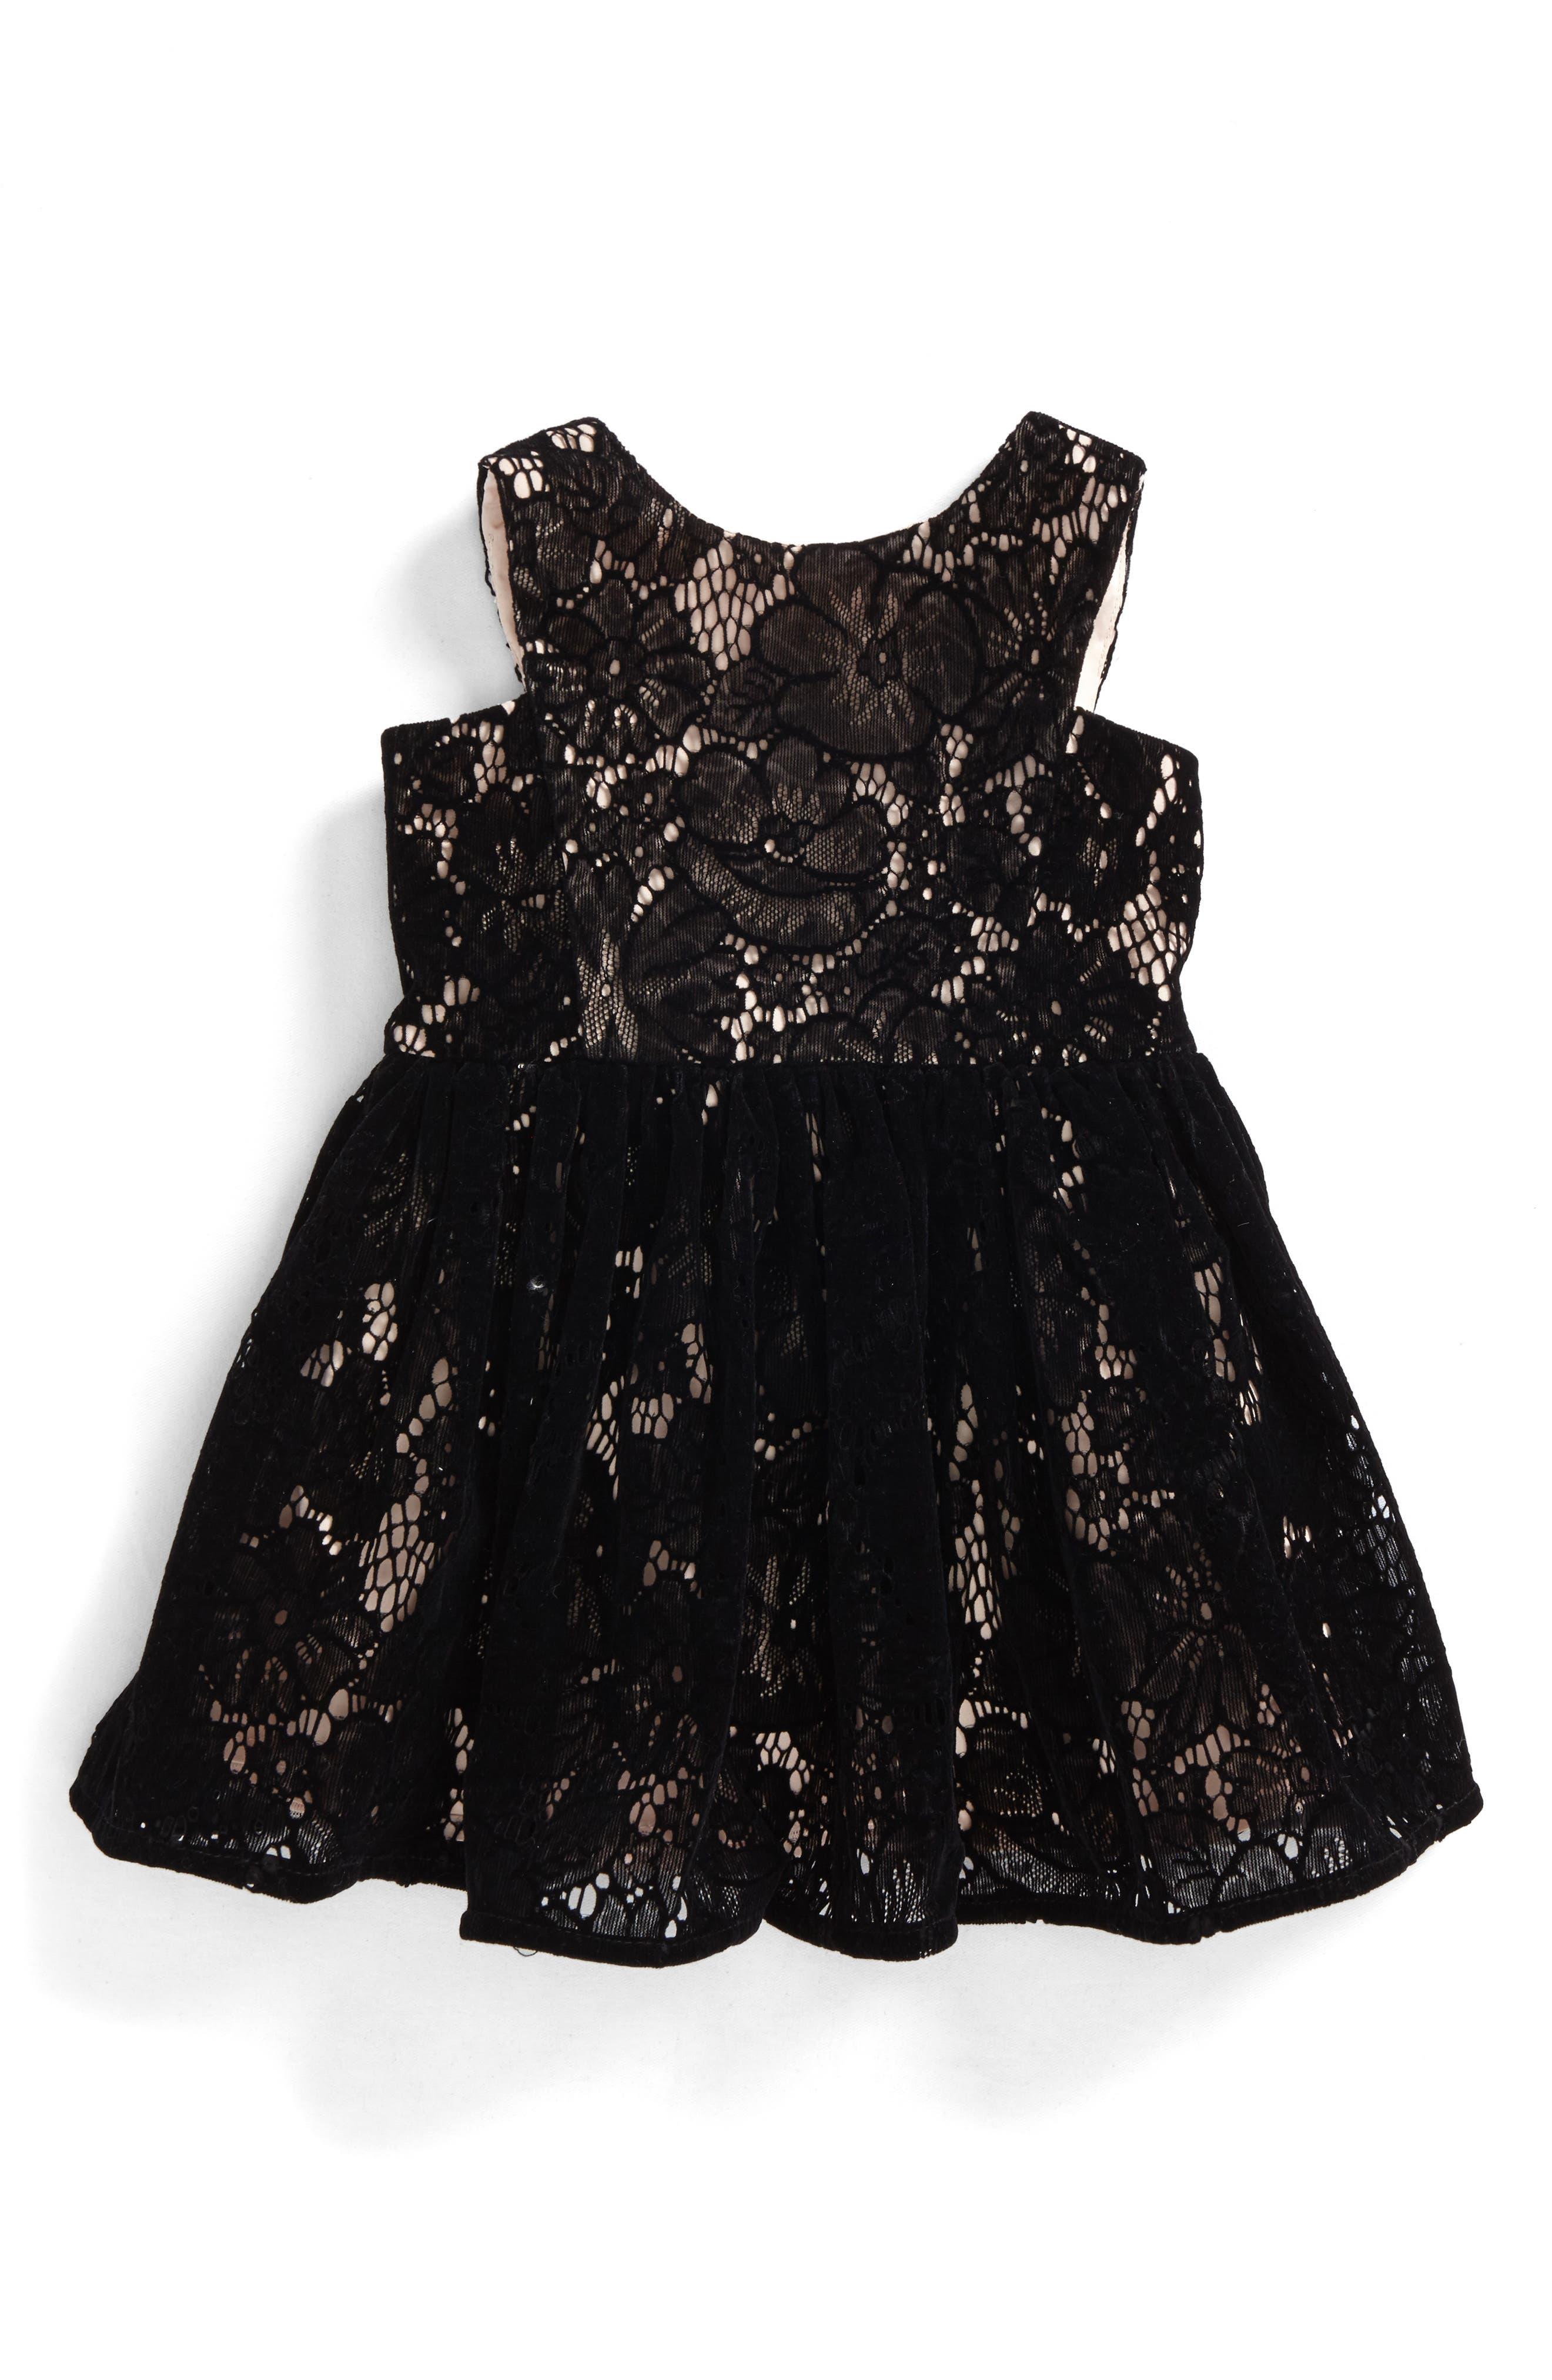 Main Image - Bardot Junior Flocked Lace Dress (Baby Girls & Toddler Girls)